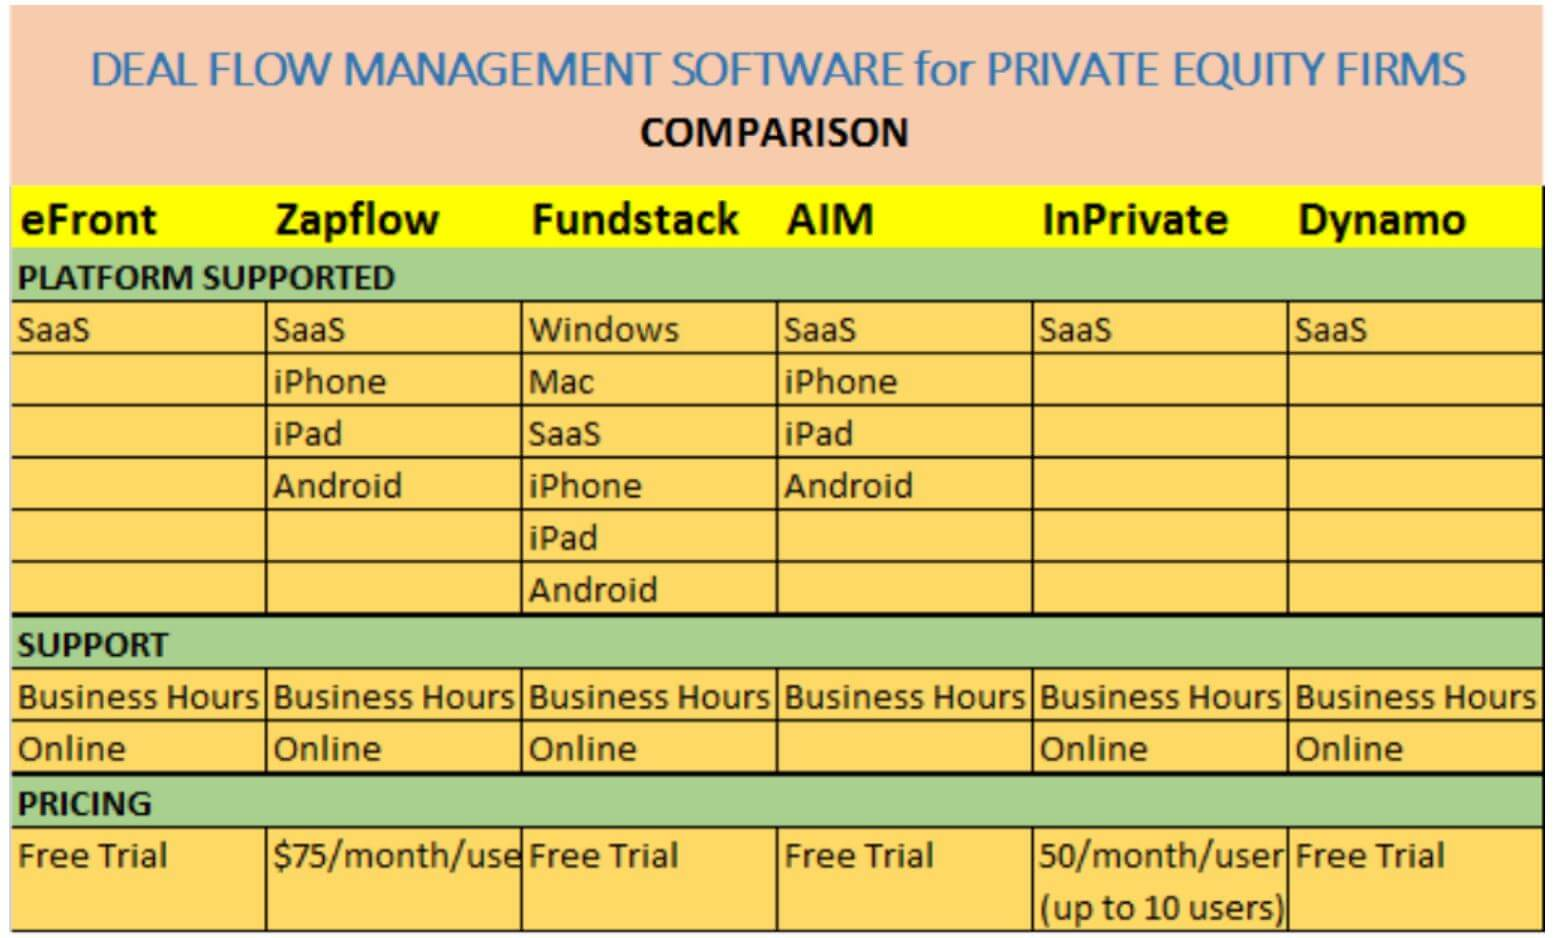 deal flow software comparision